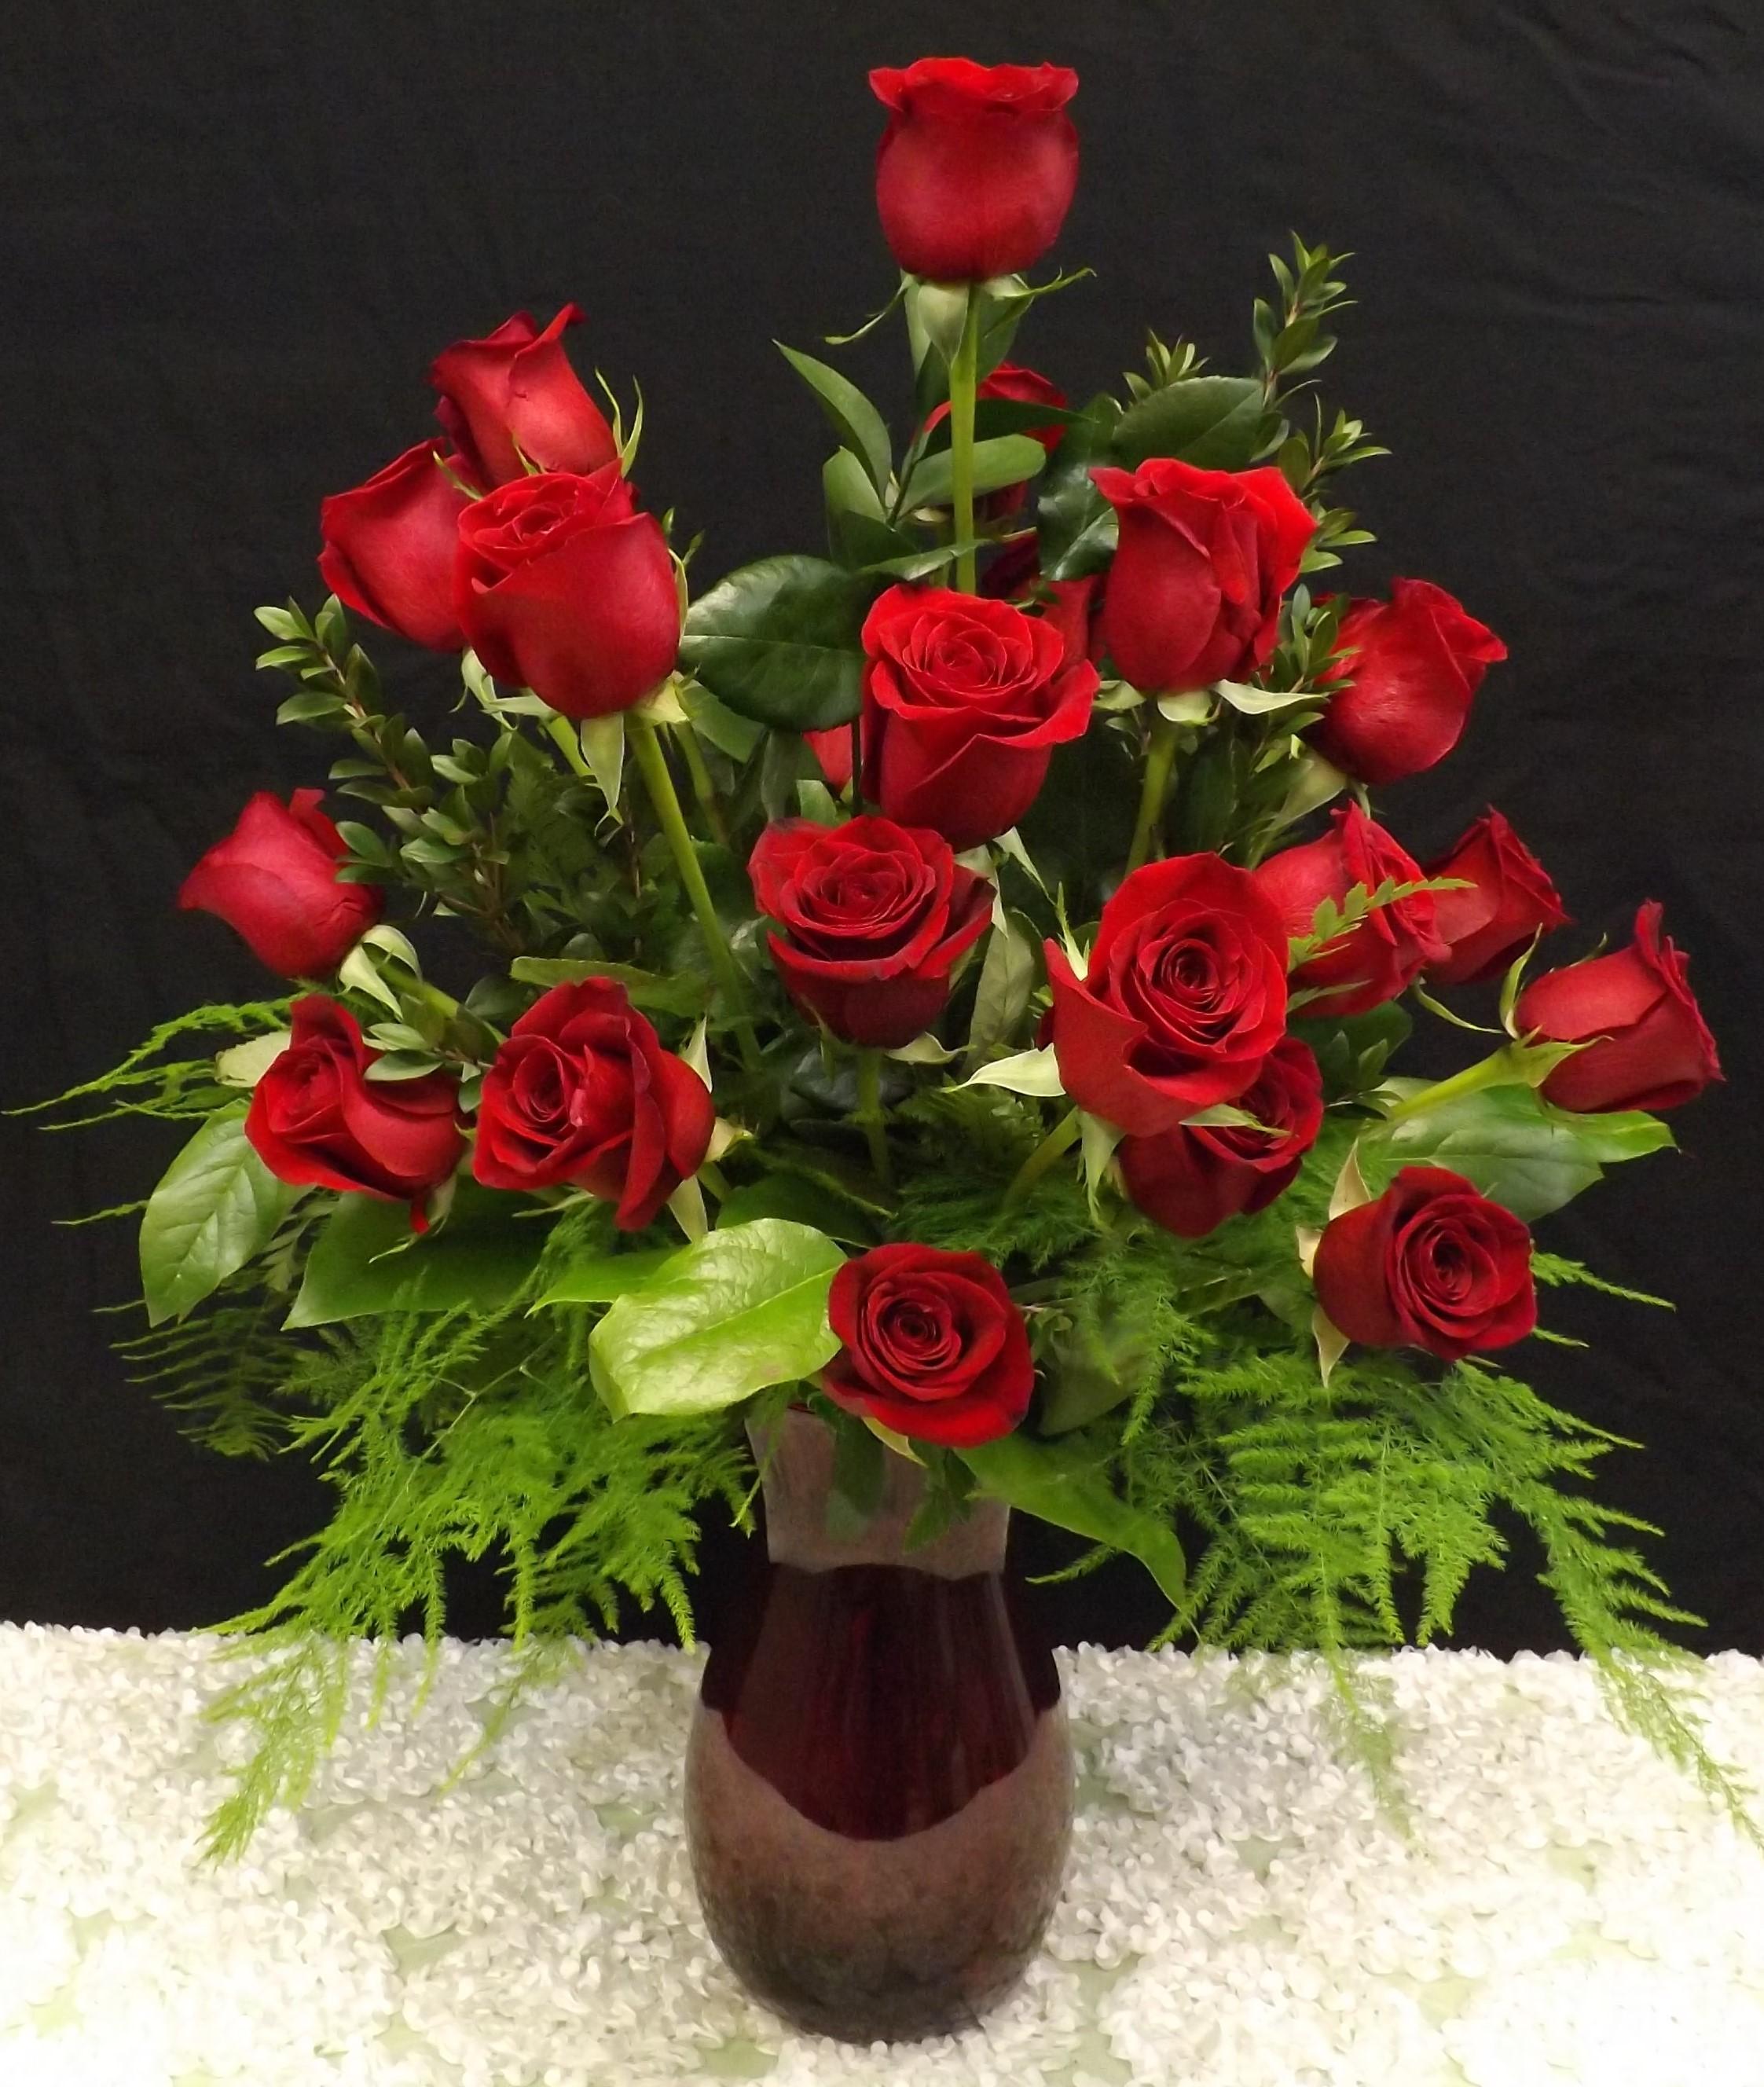 Mãn nhãn với bộ sưu tập cách cắm hoa hồng đẹp tinh tế hình 14